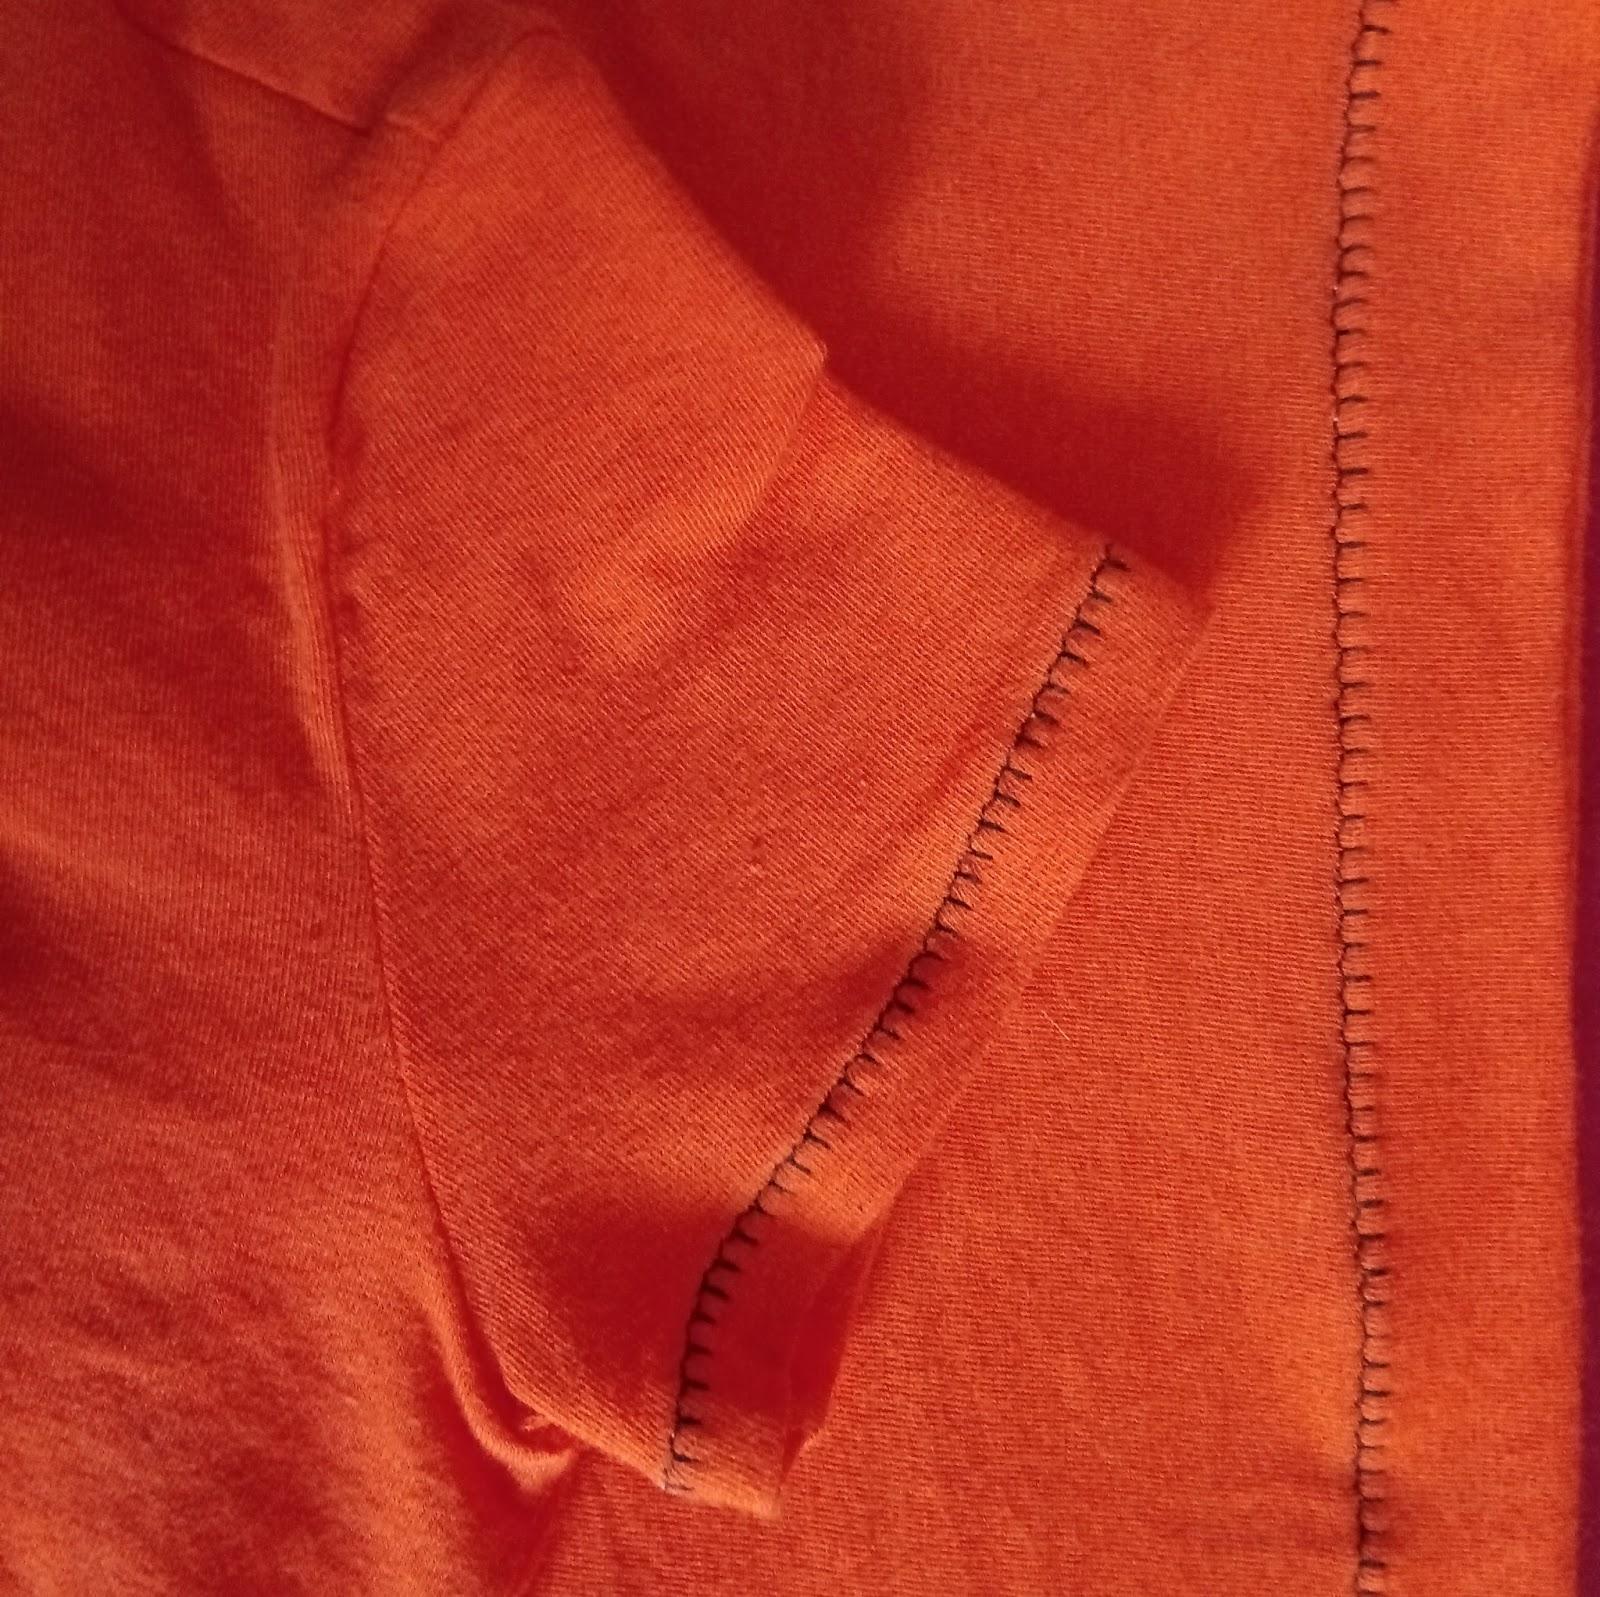 detalles mangas camiseta handamade